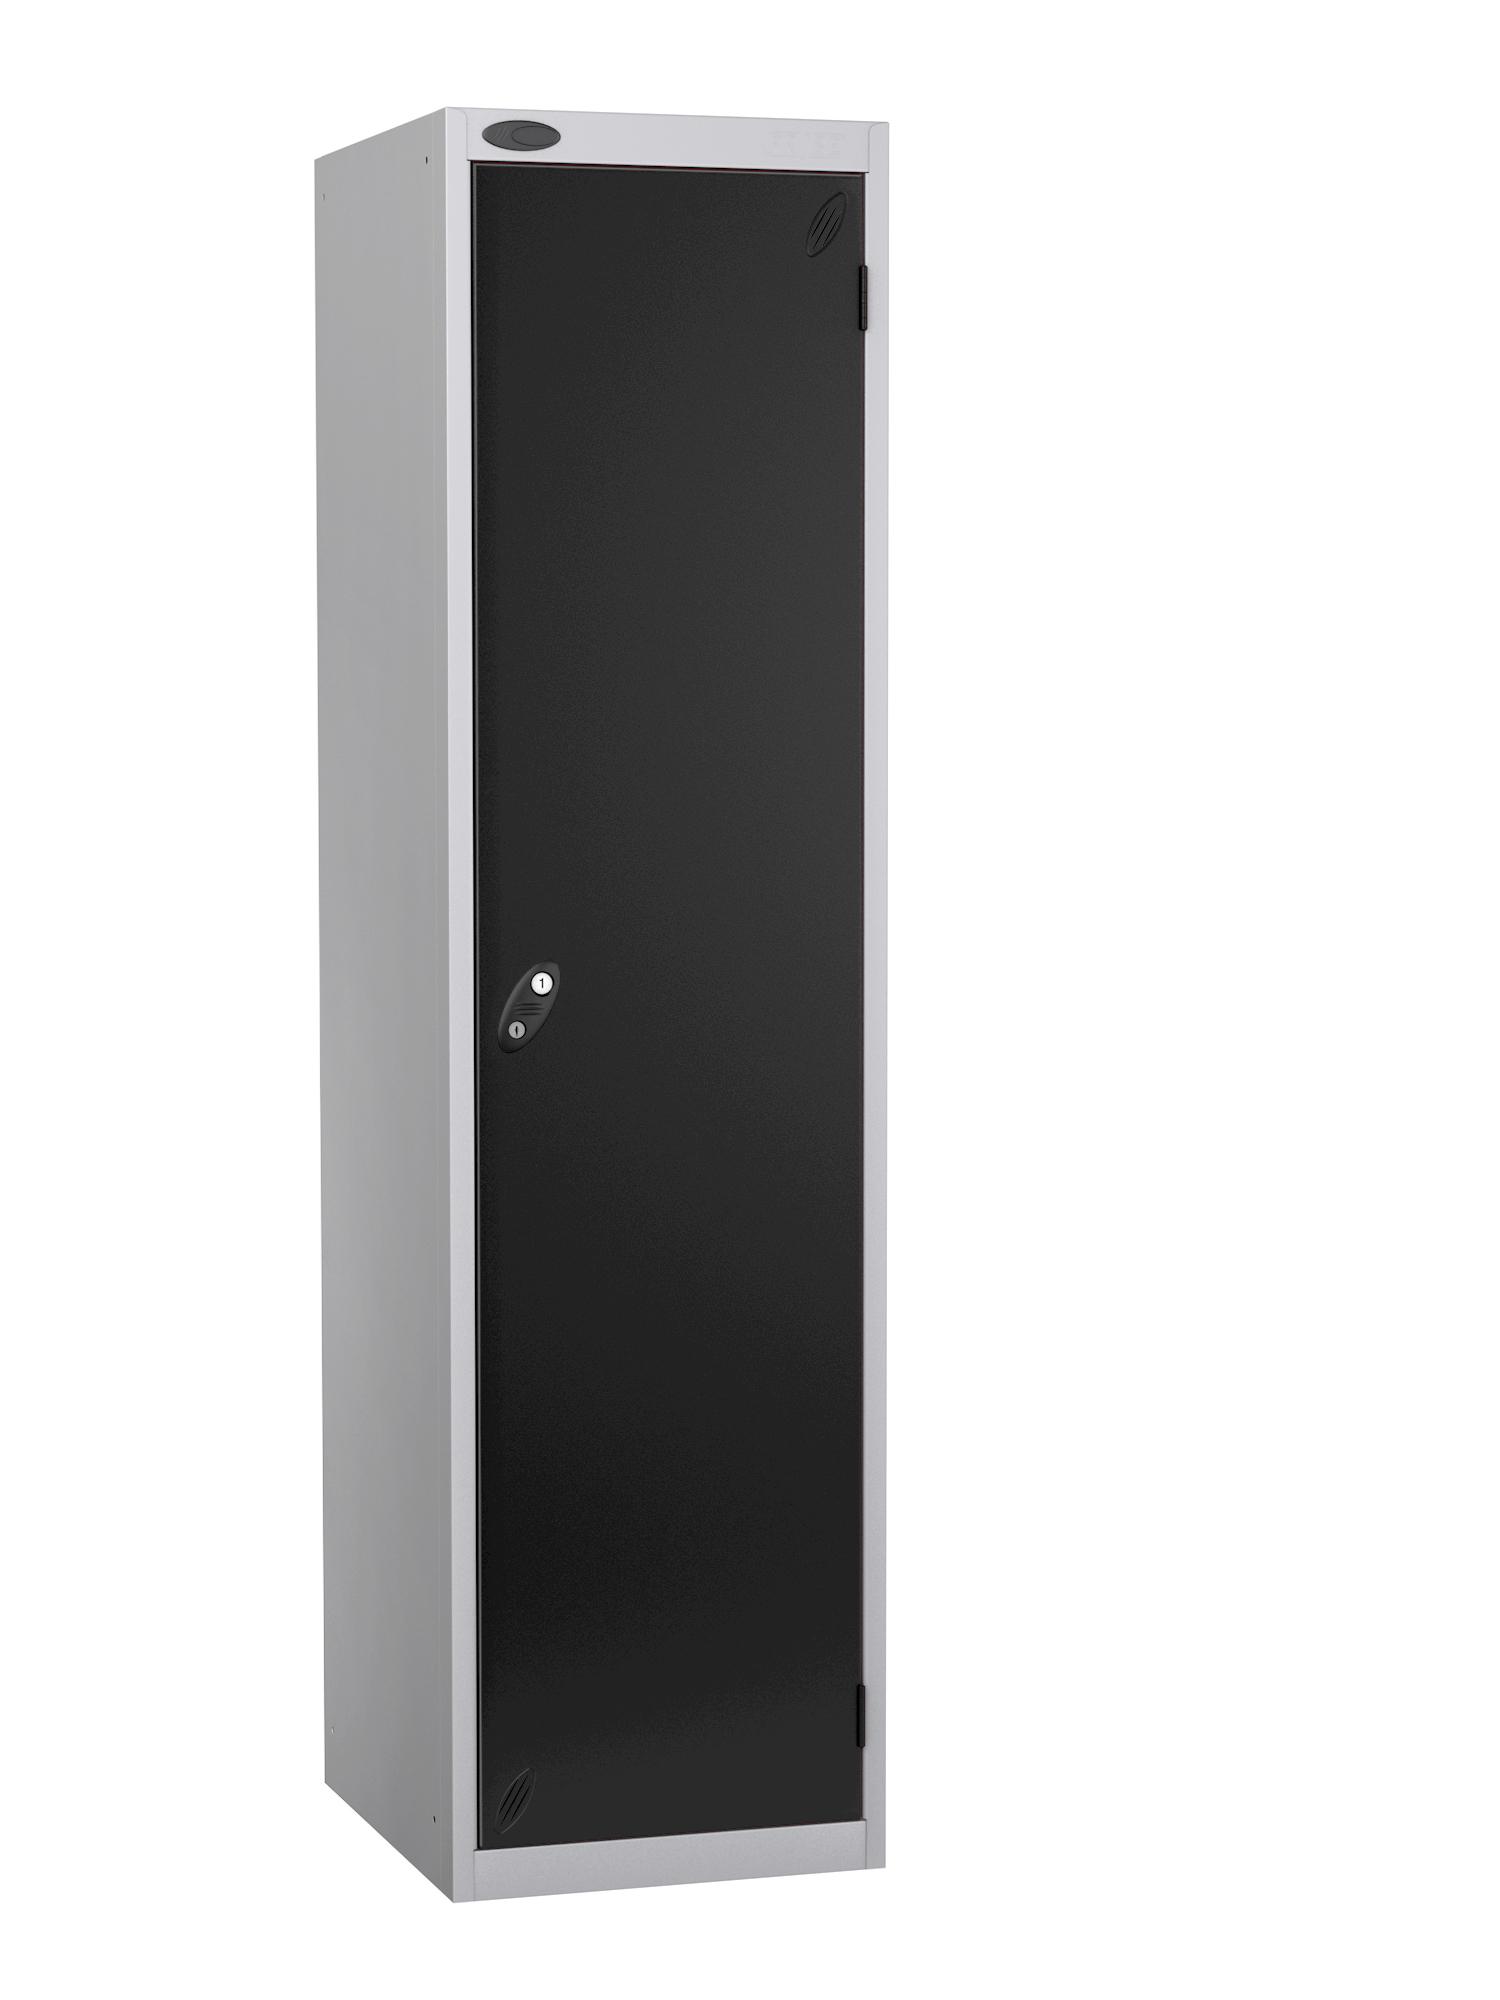 Probe specialist police locker with black door